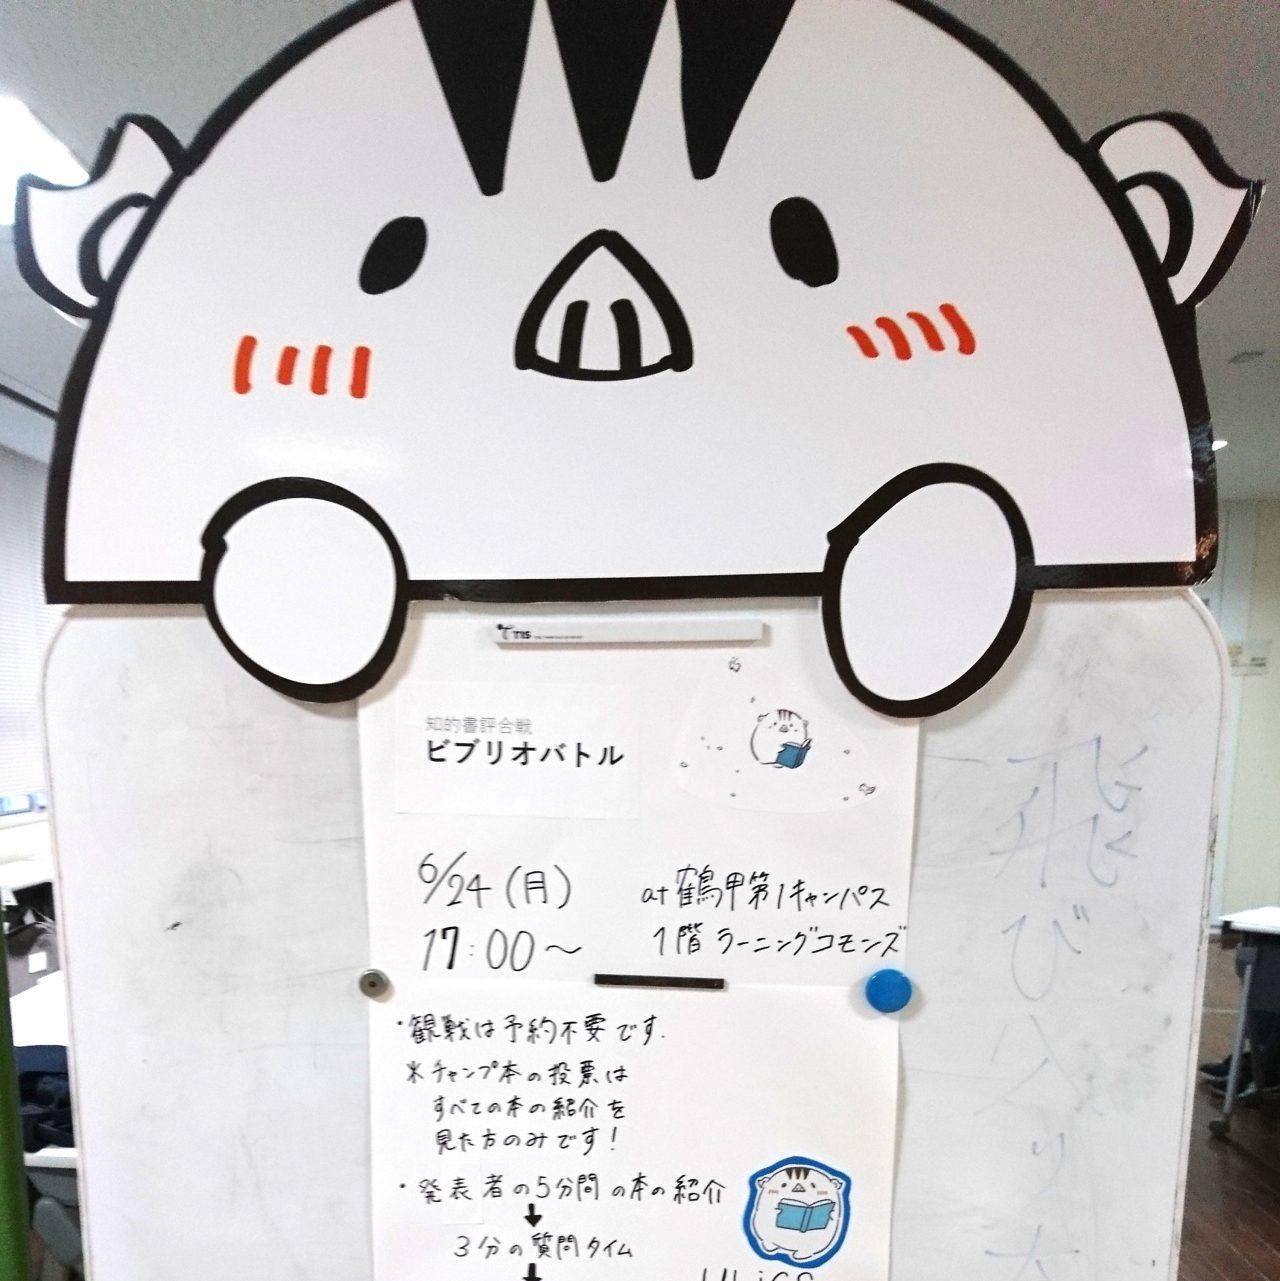 神戸大学でビブリオバトルがあったので観戦した